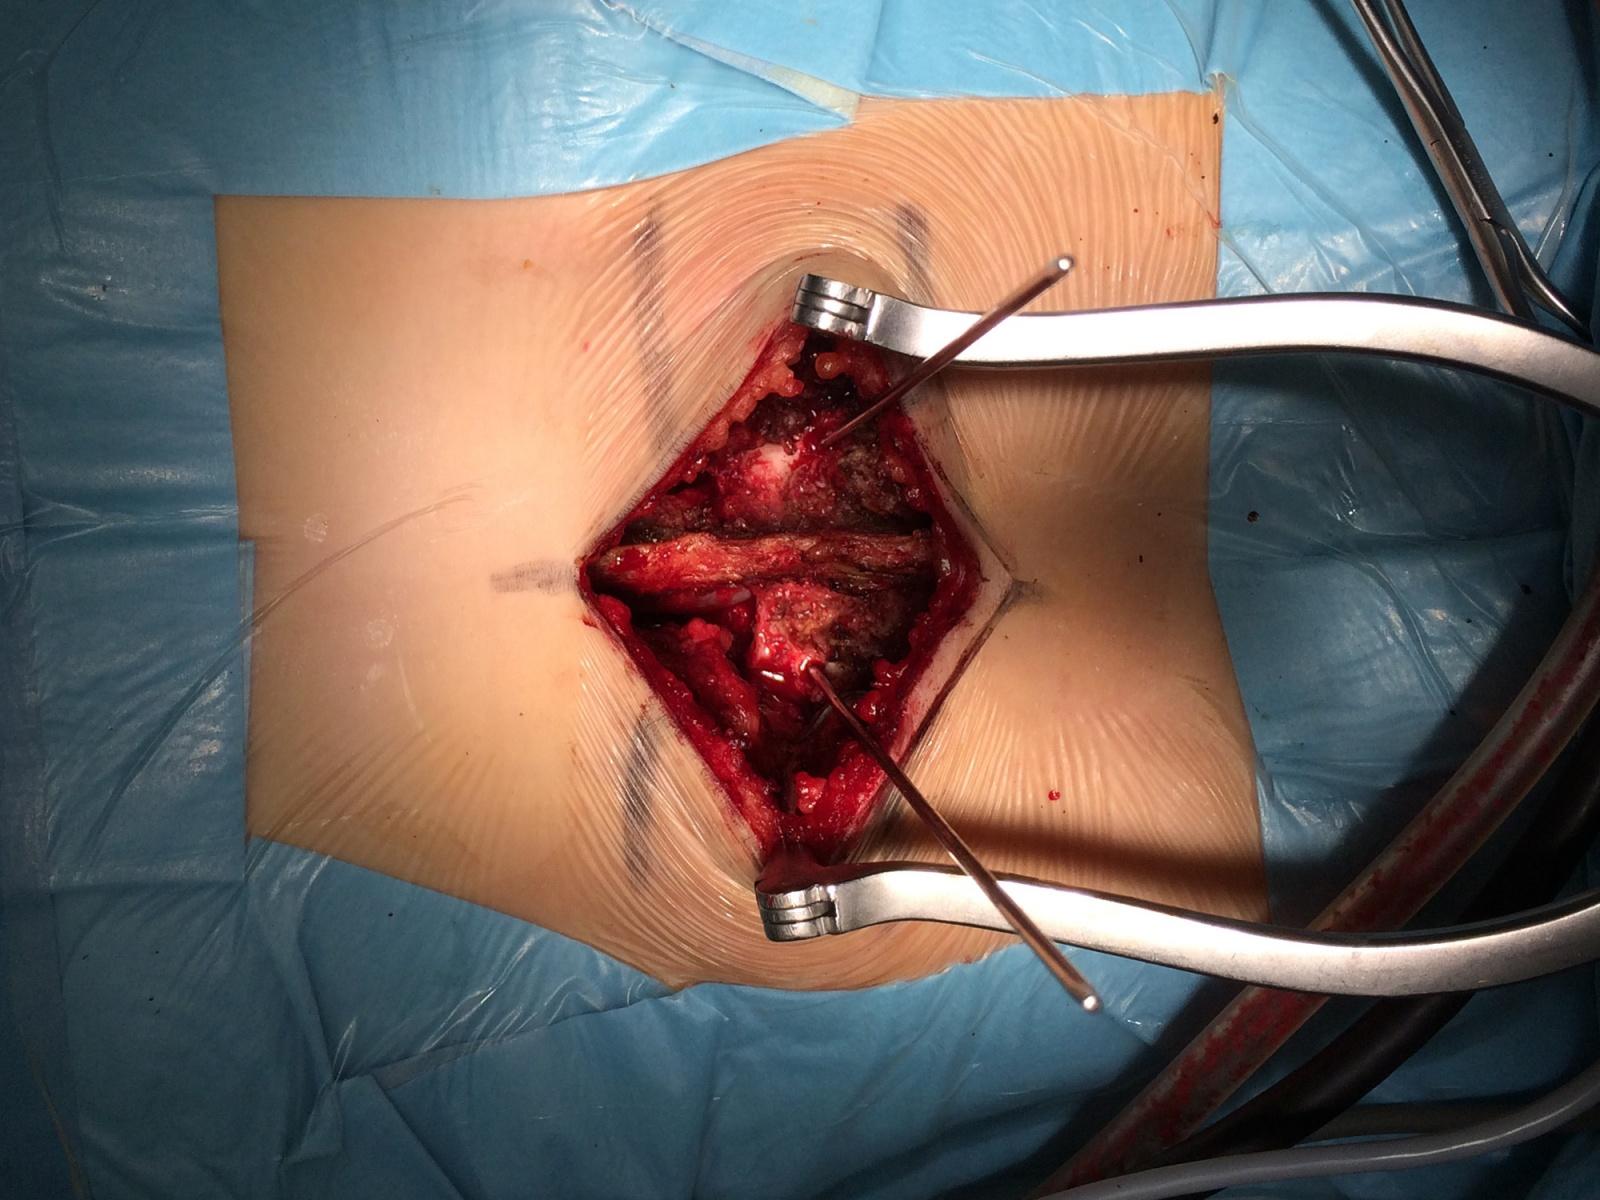 Альтернативный метод транспедикулярной фиксации или как штангенциркуль может заменить целый рентгеноаппарат - 7